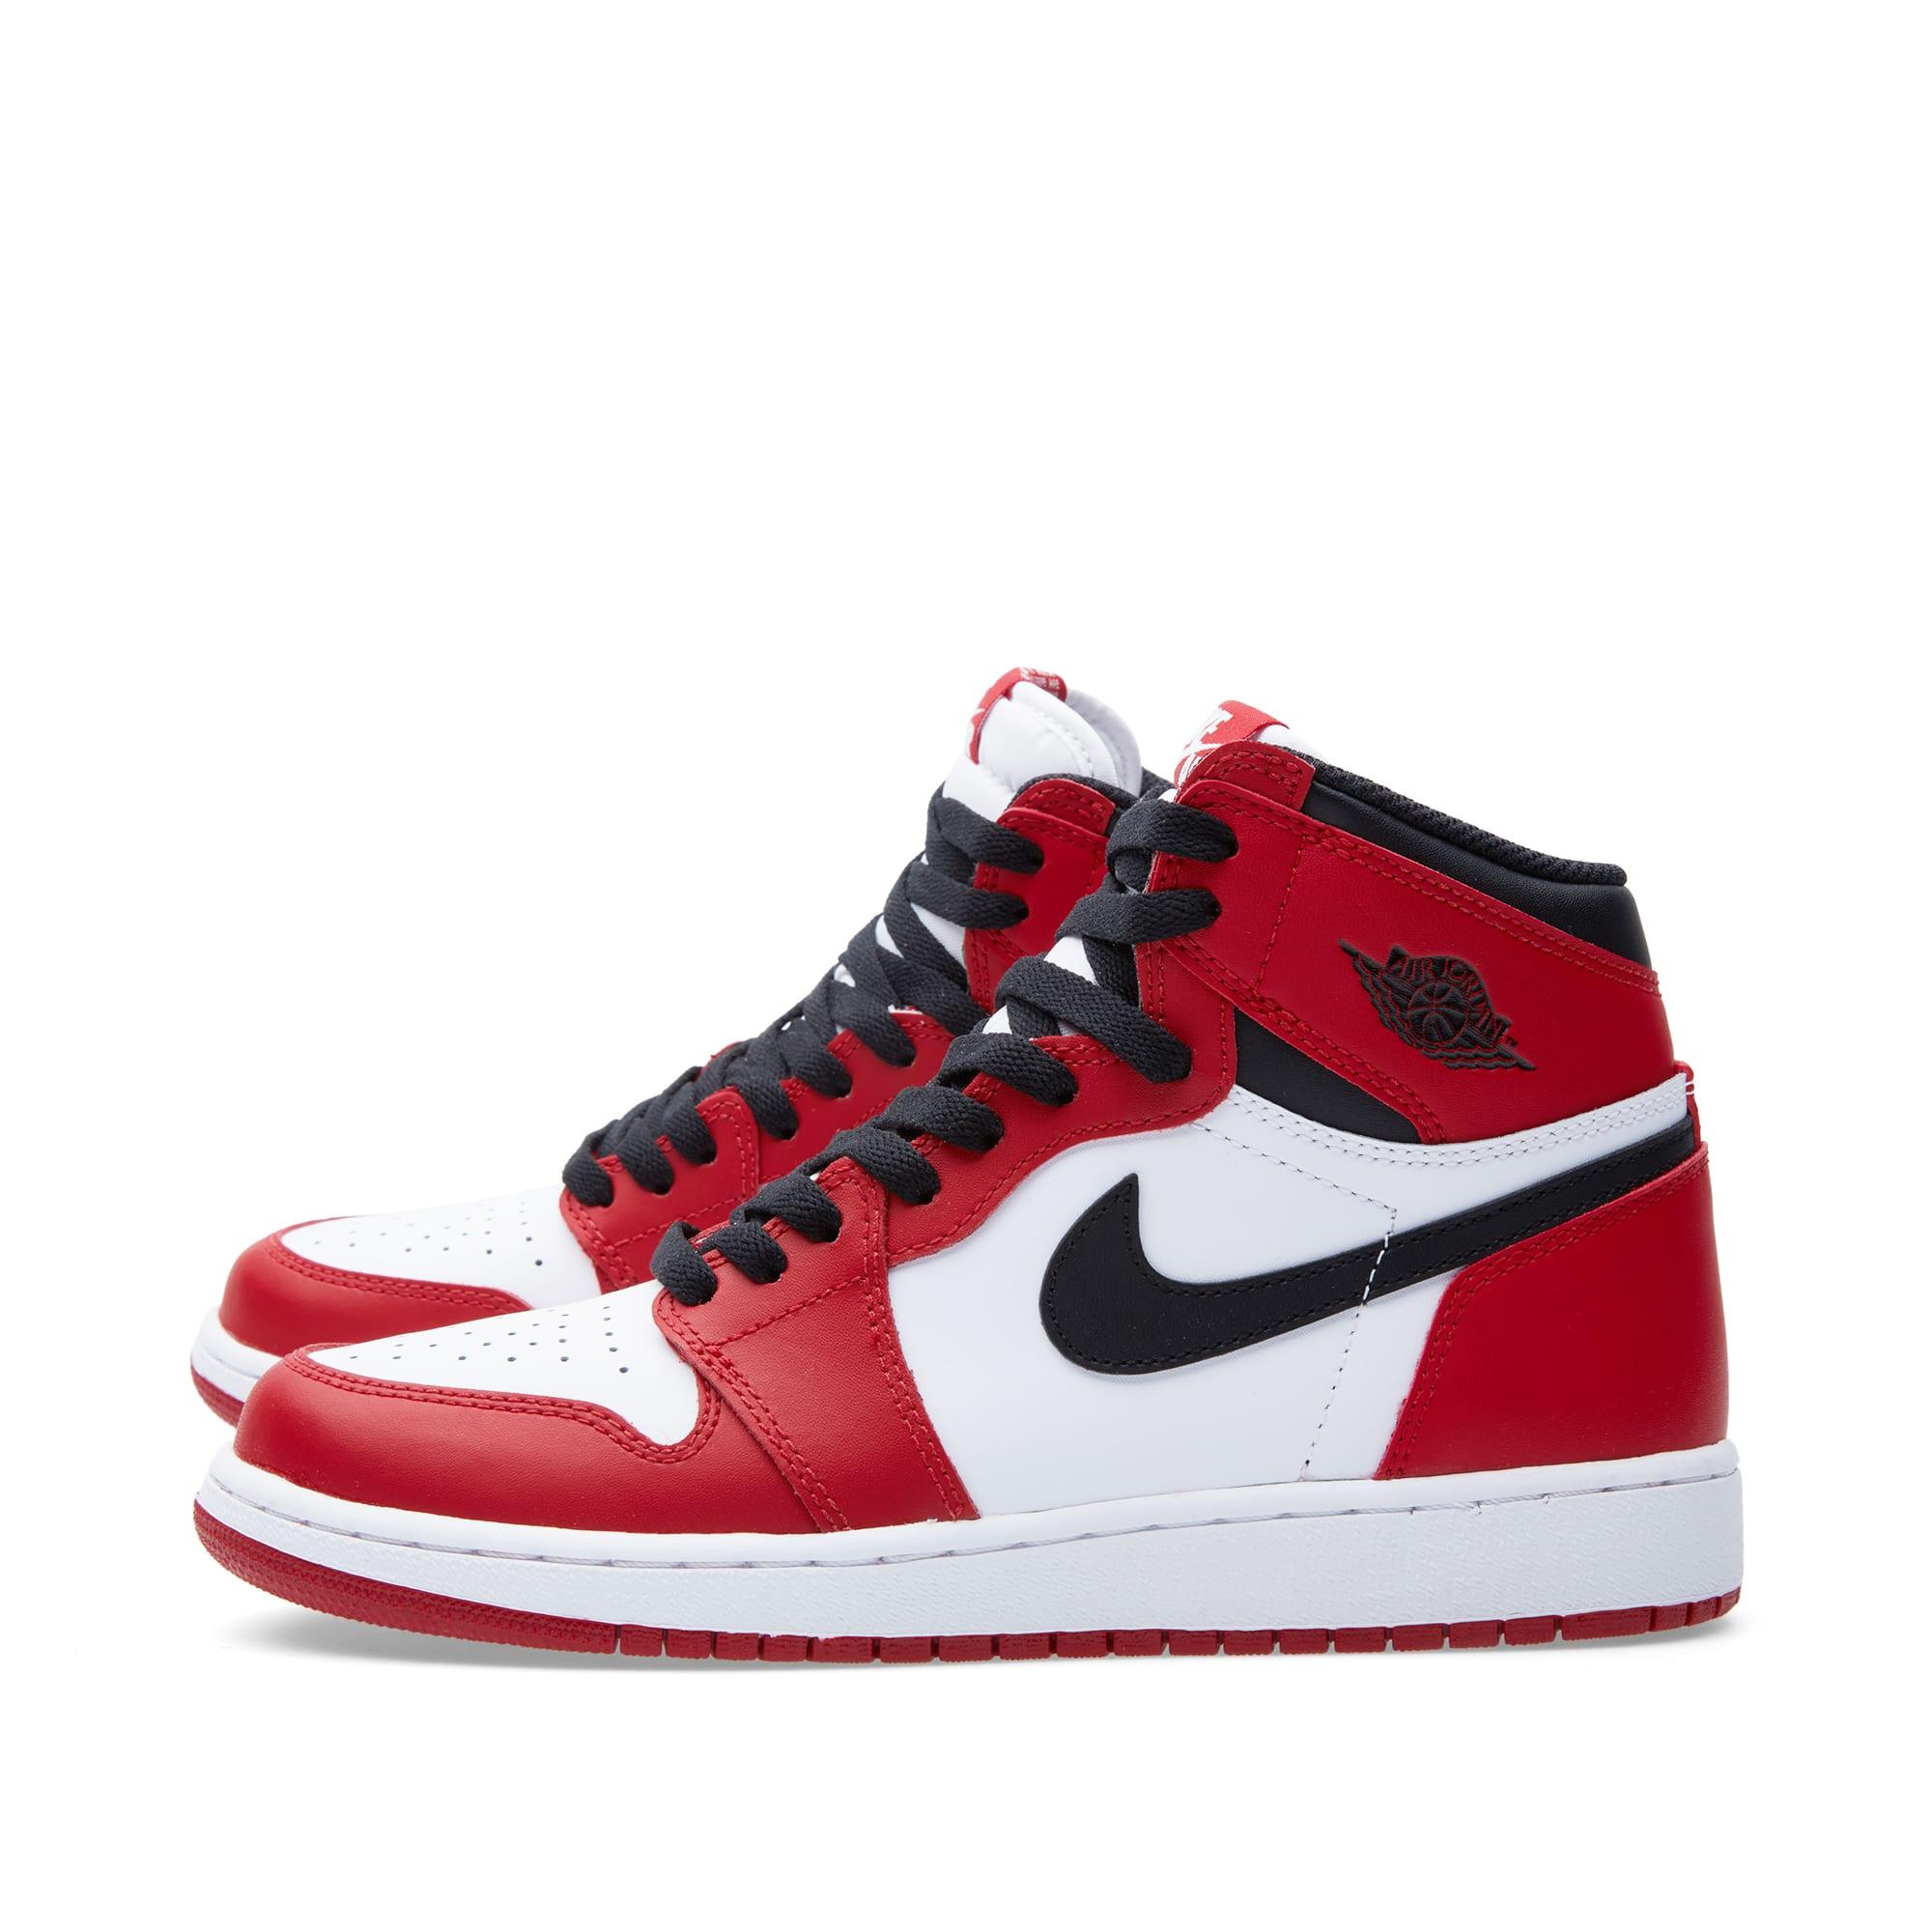 Nike Air Jordan 1 Retro High OG BG 'Varsity Red'